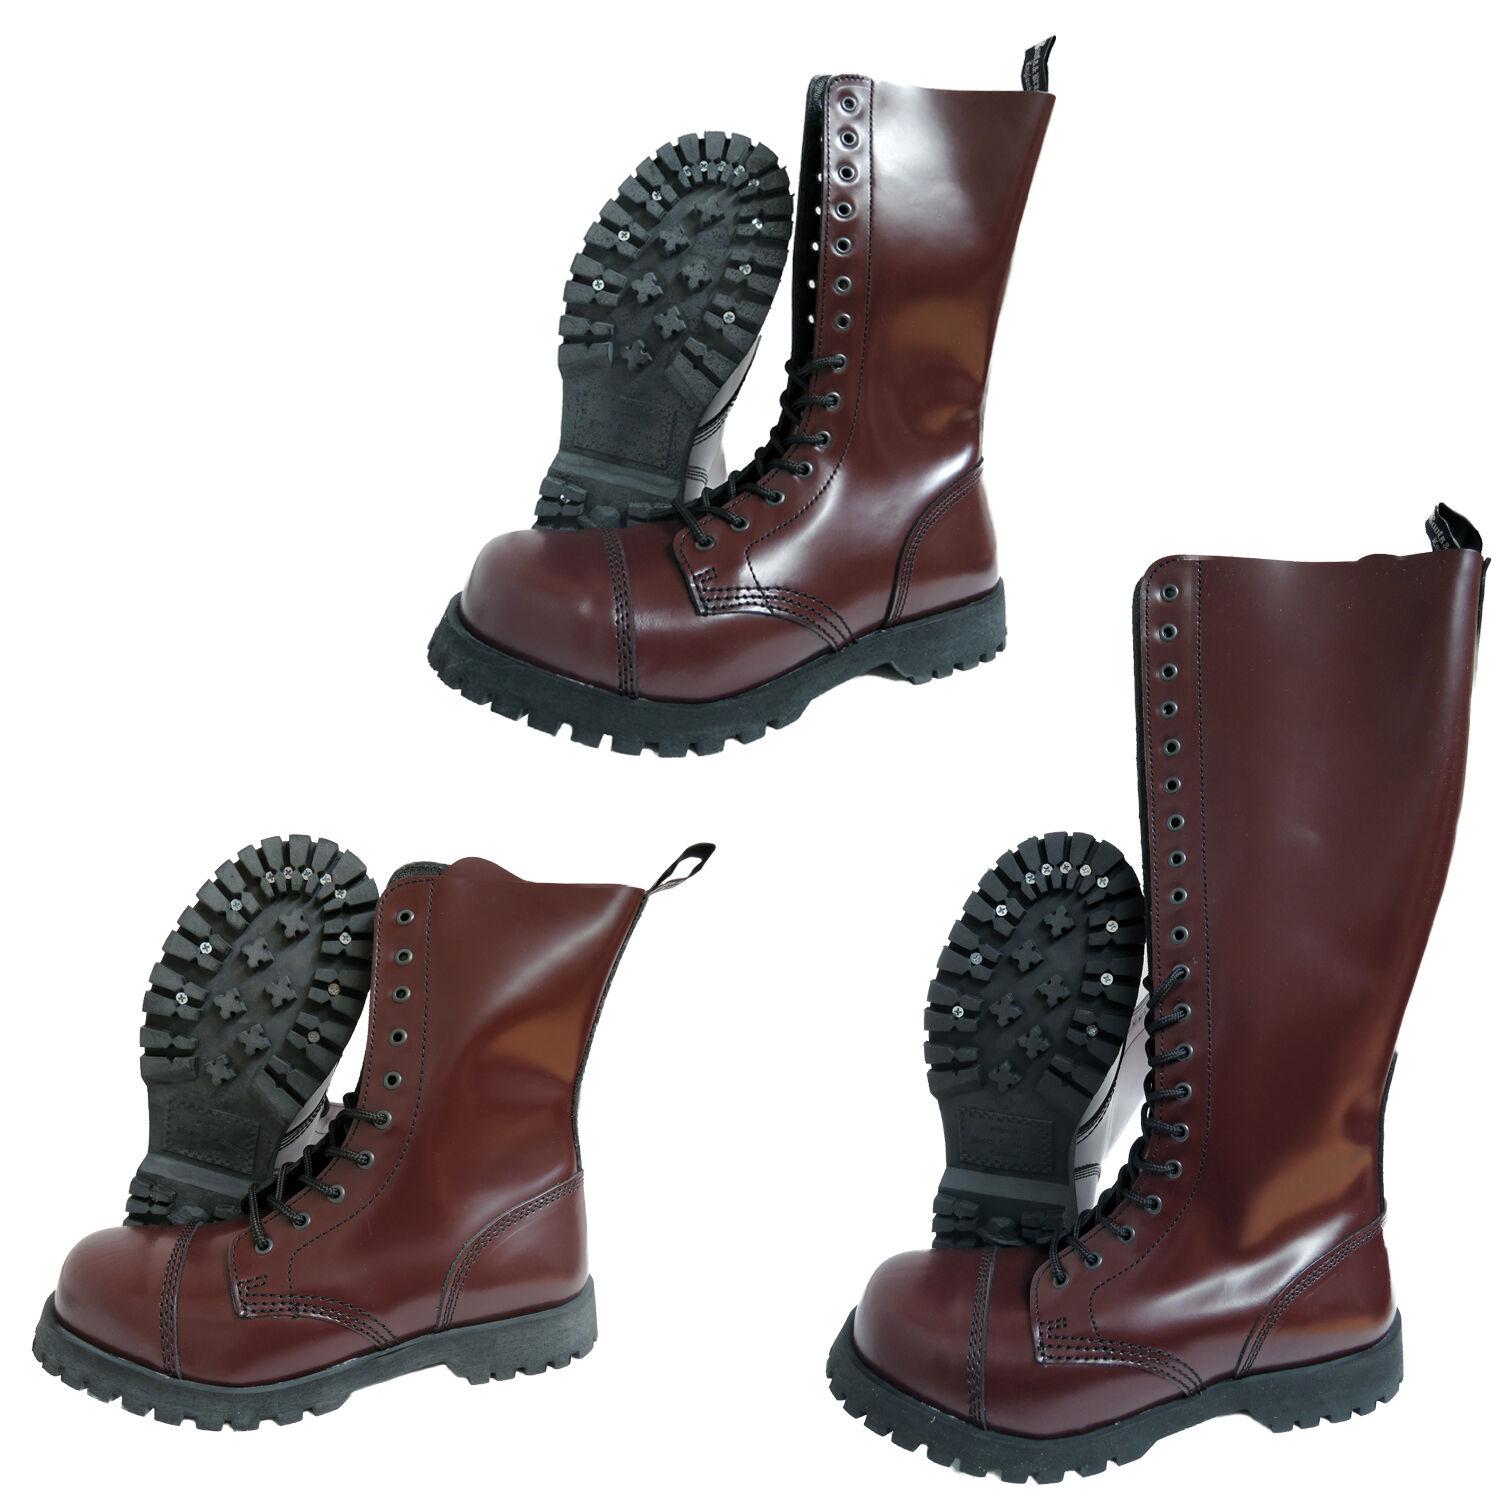 Stiefel & Braces Oxblood Bordeaux Burgund Rangers Stiefel 10 14 20 Hole Steel Toe